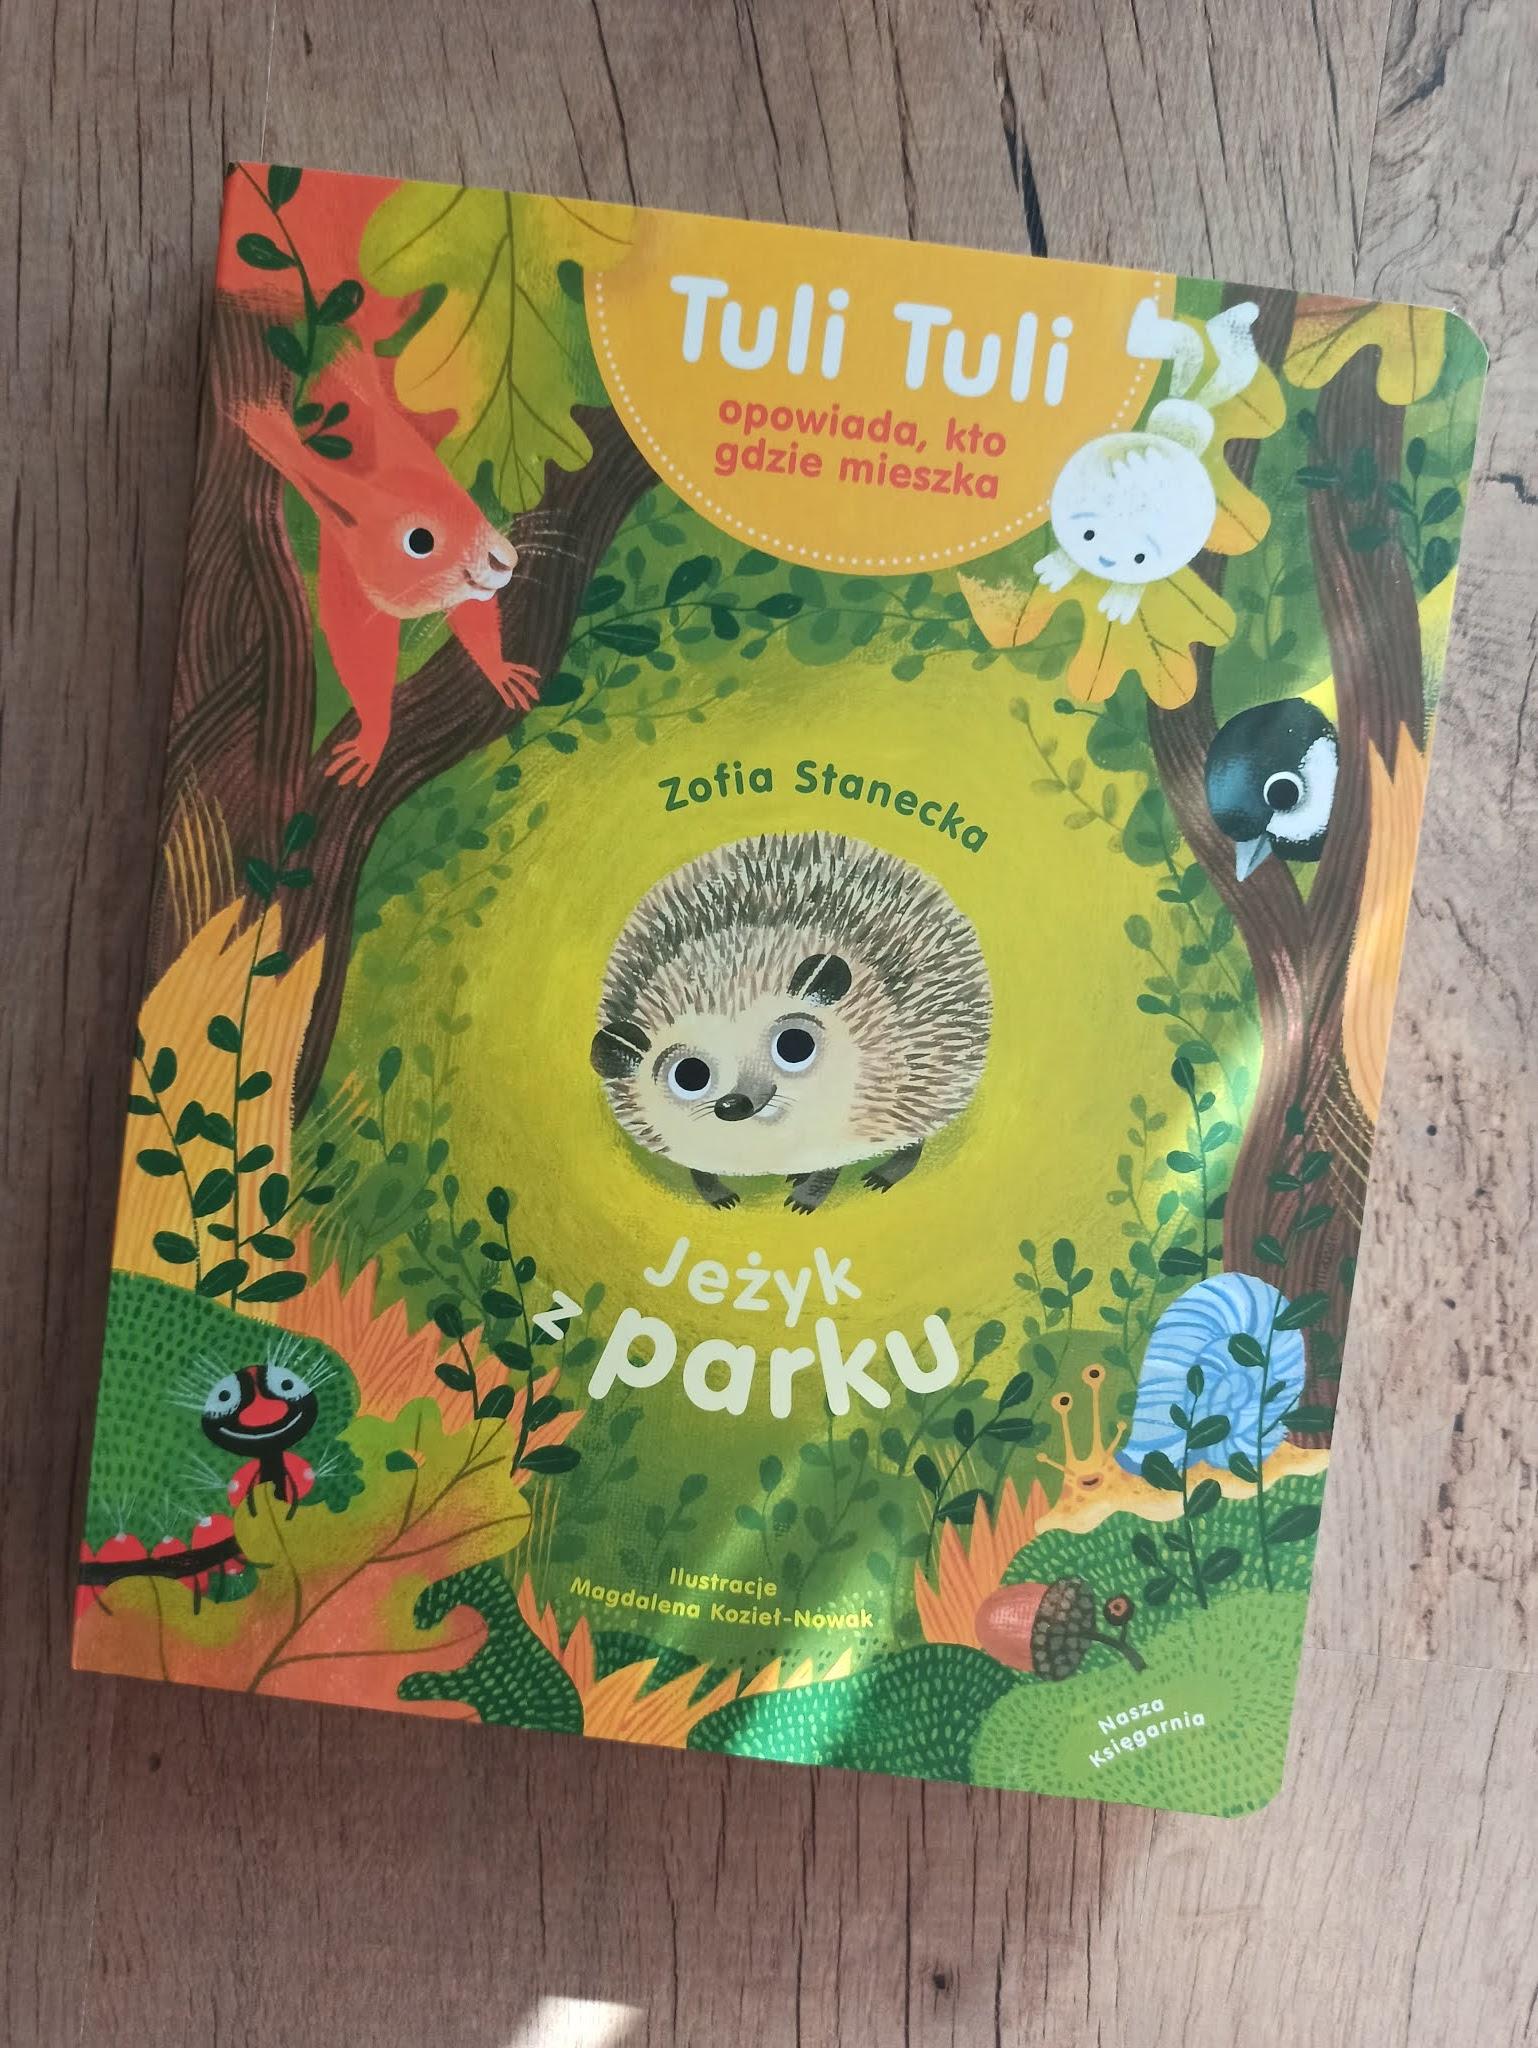 Tuli Tuli opowiada, kto gdzie mieszka - Nasza Księgarnia